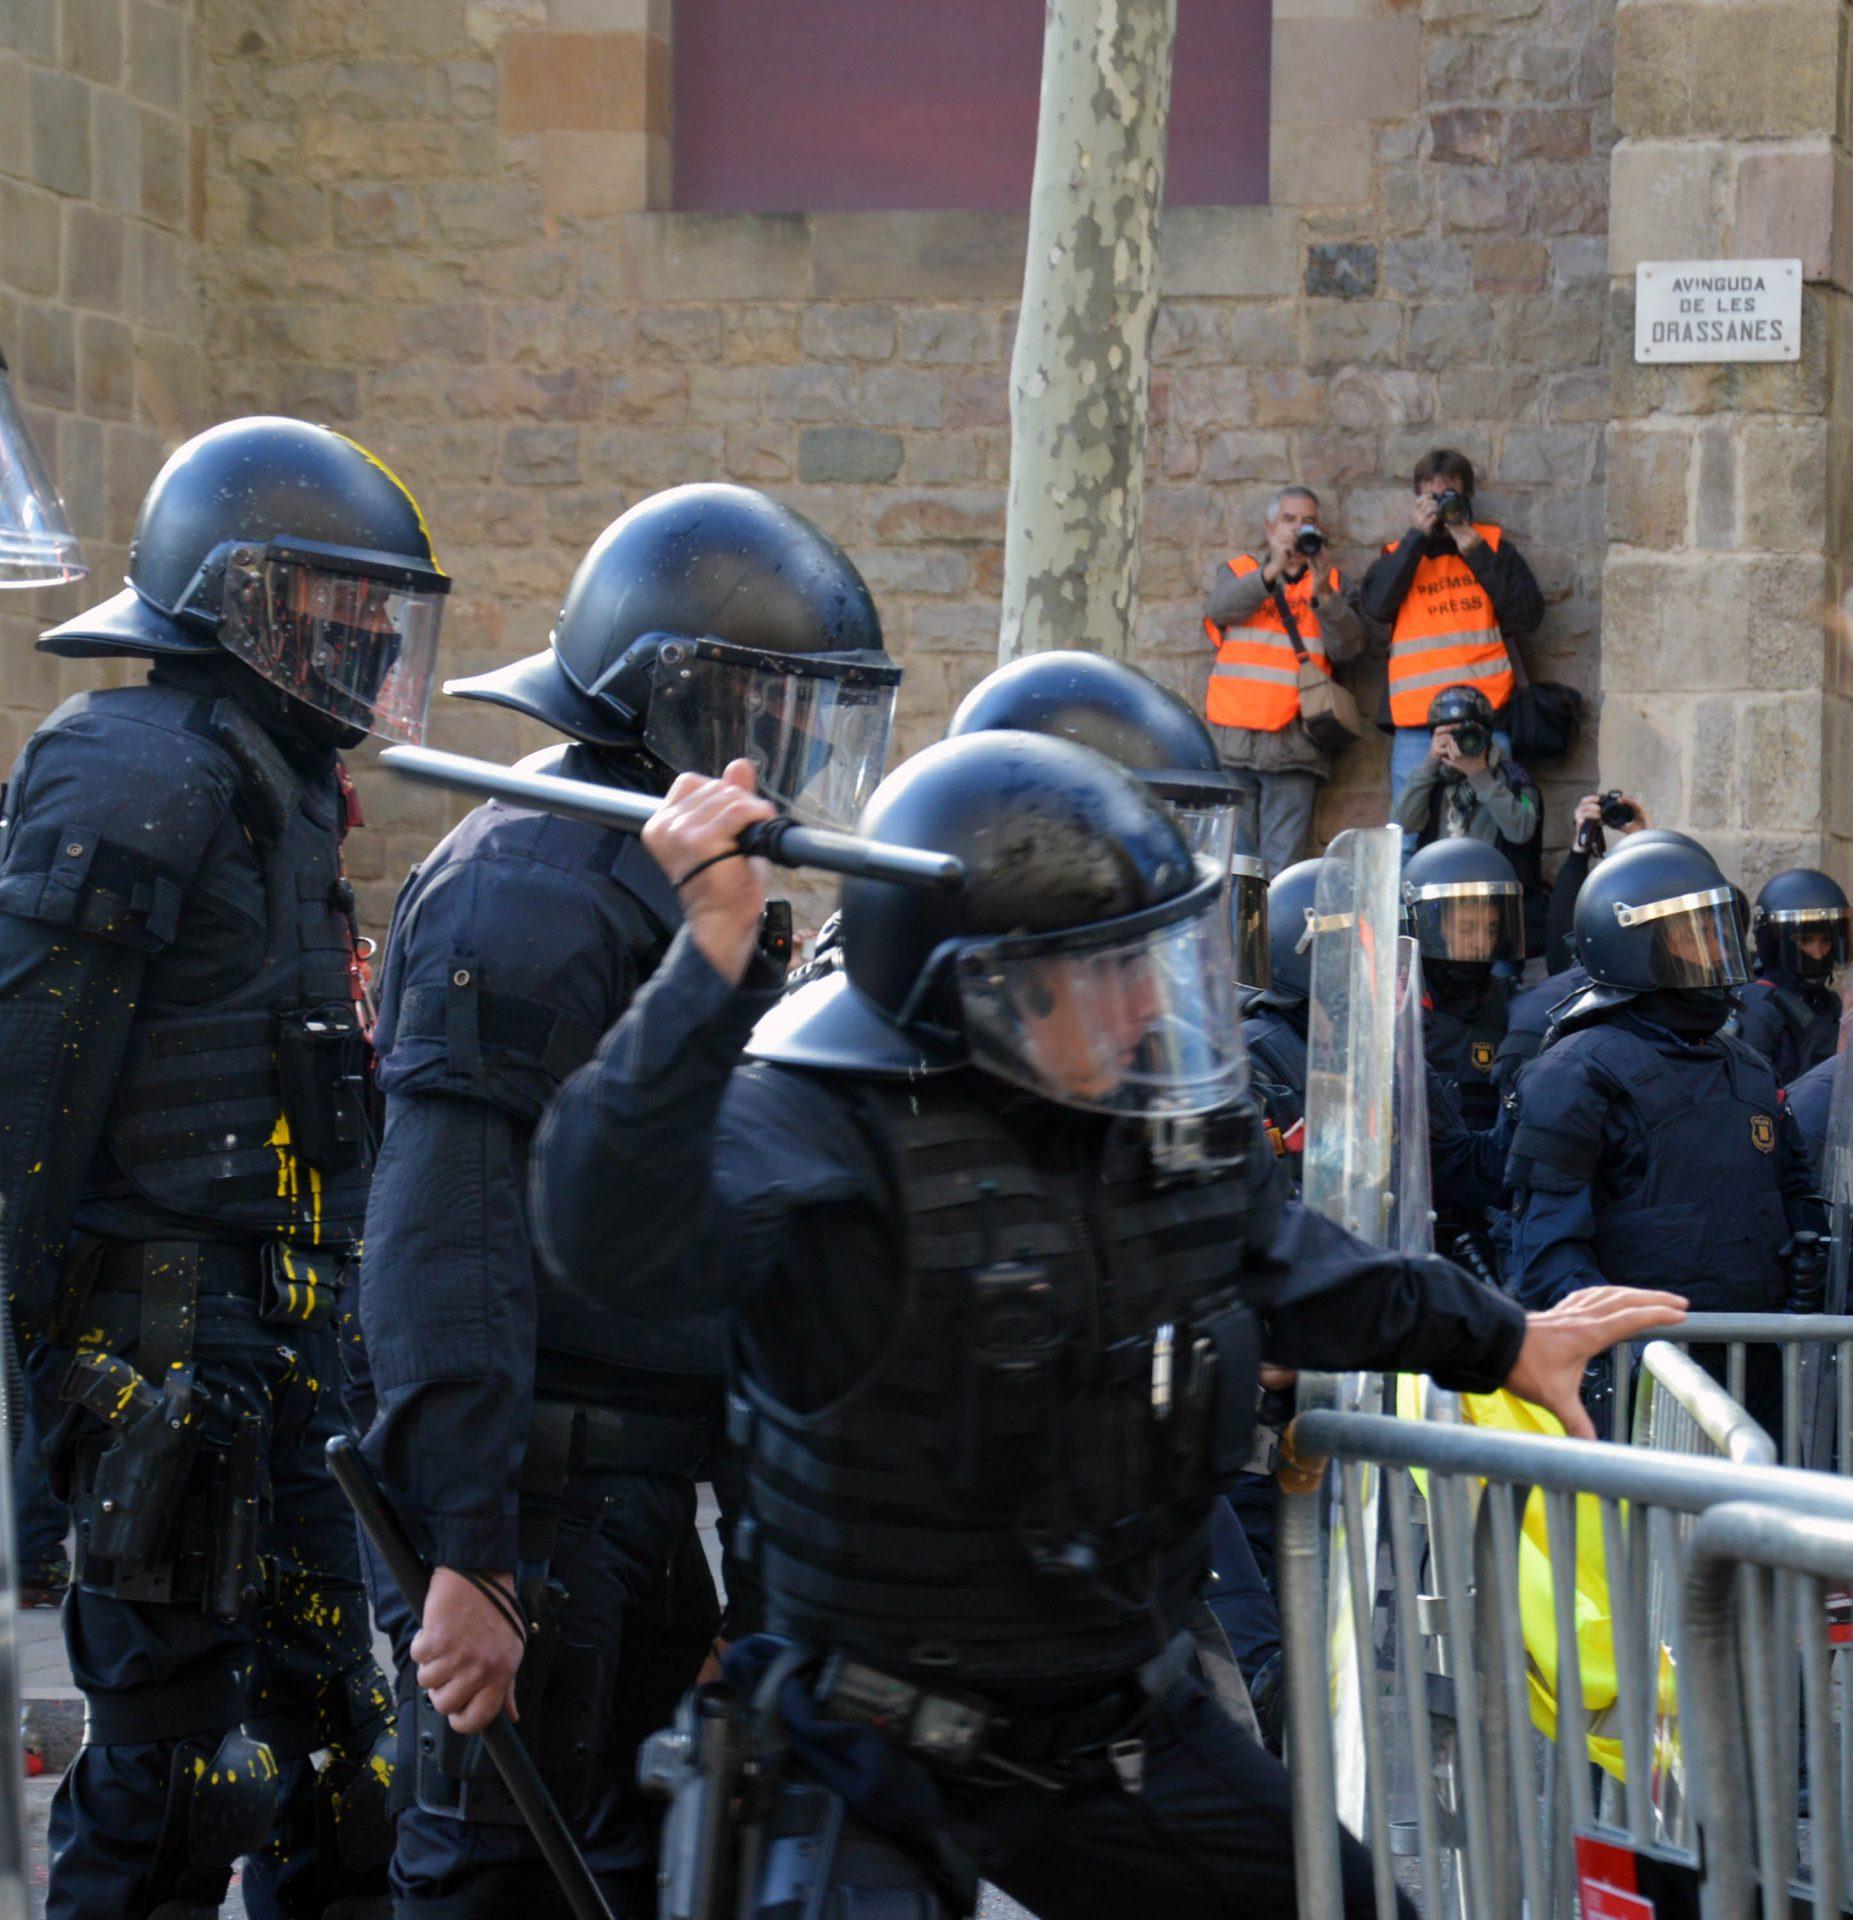 Càrregues policials dels Mossos el 21-D/ Marina Bou